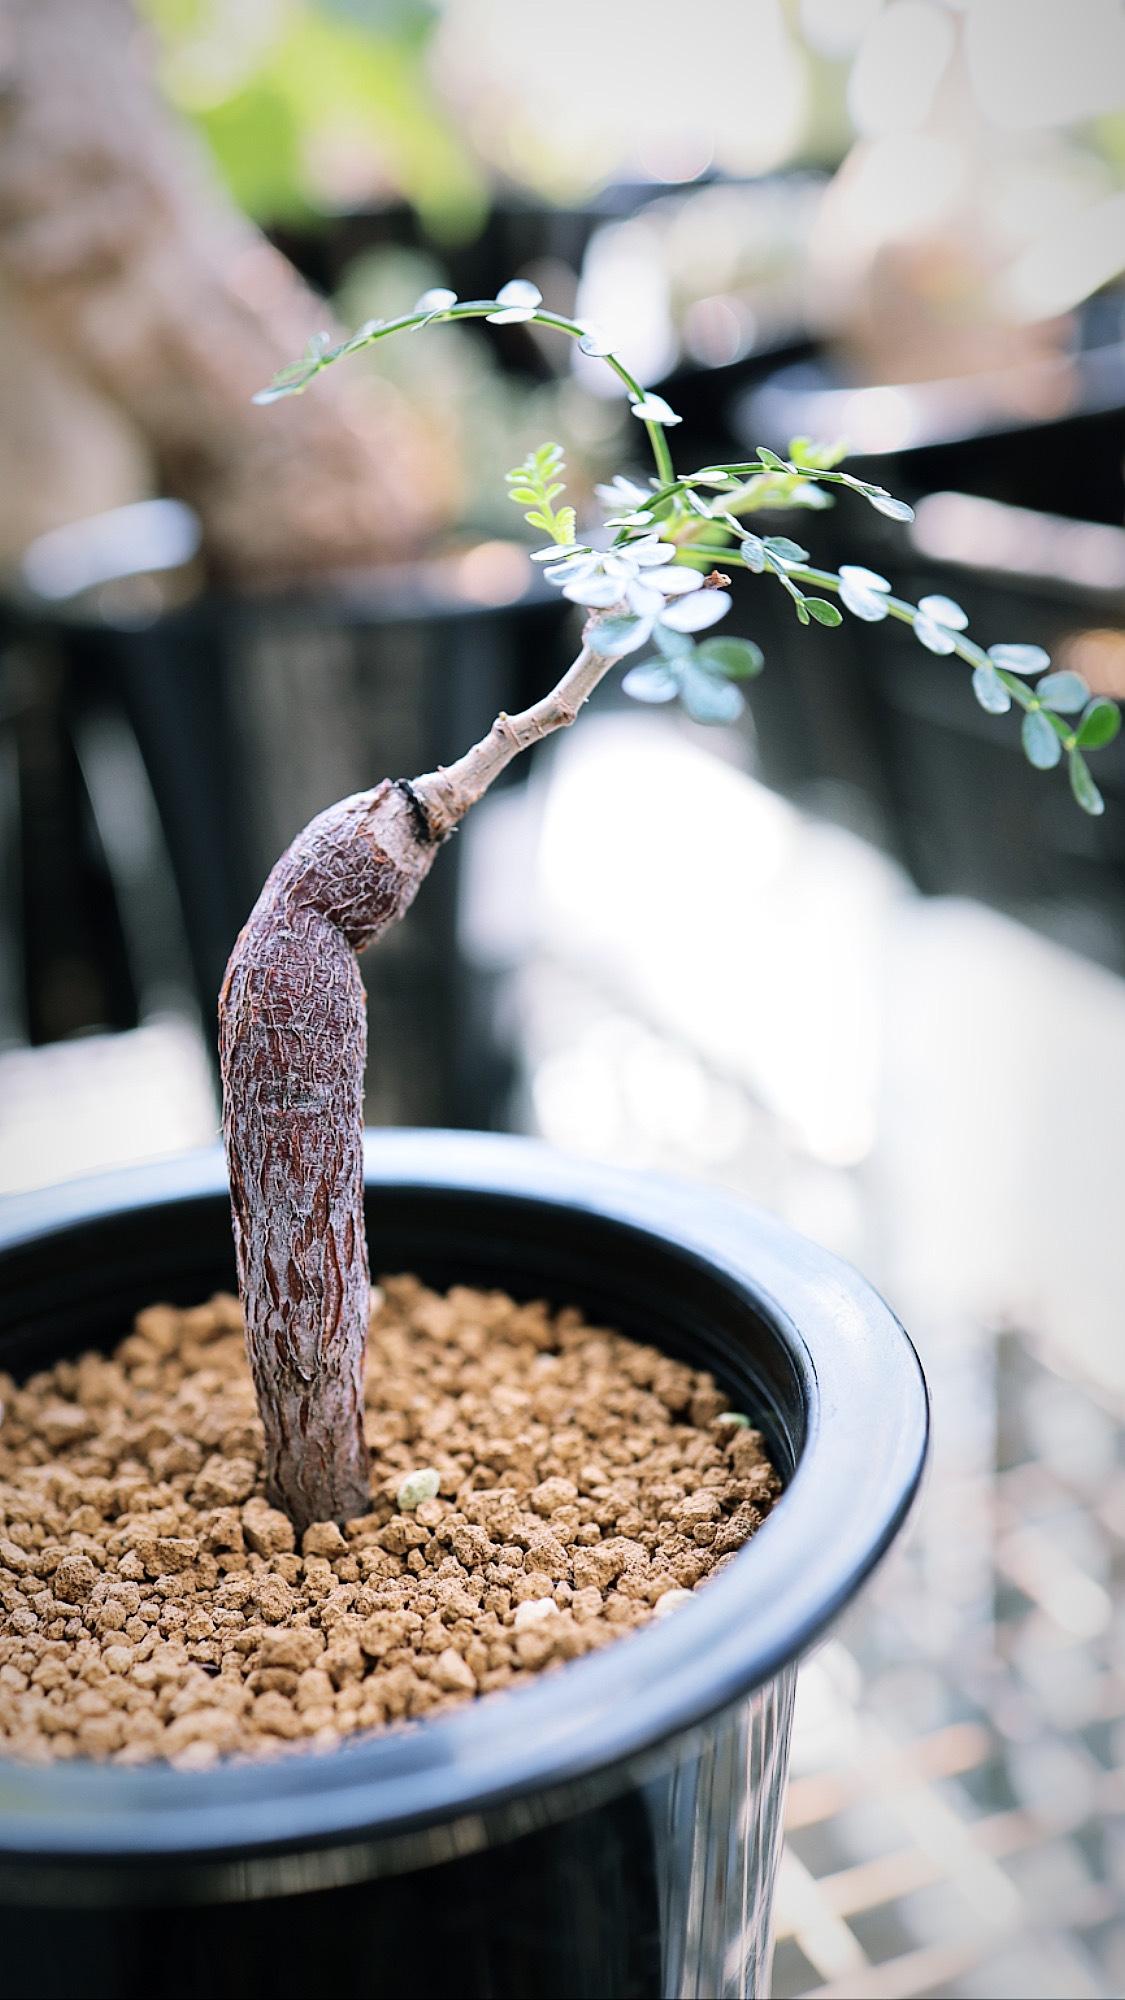 オペルクリカリア・パキプス | Operculicarya pachypus-_003